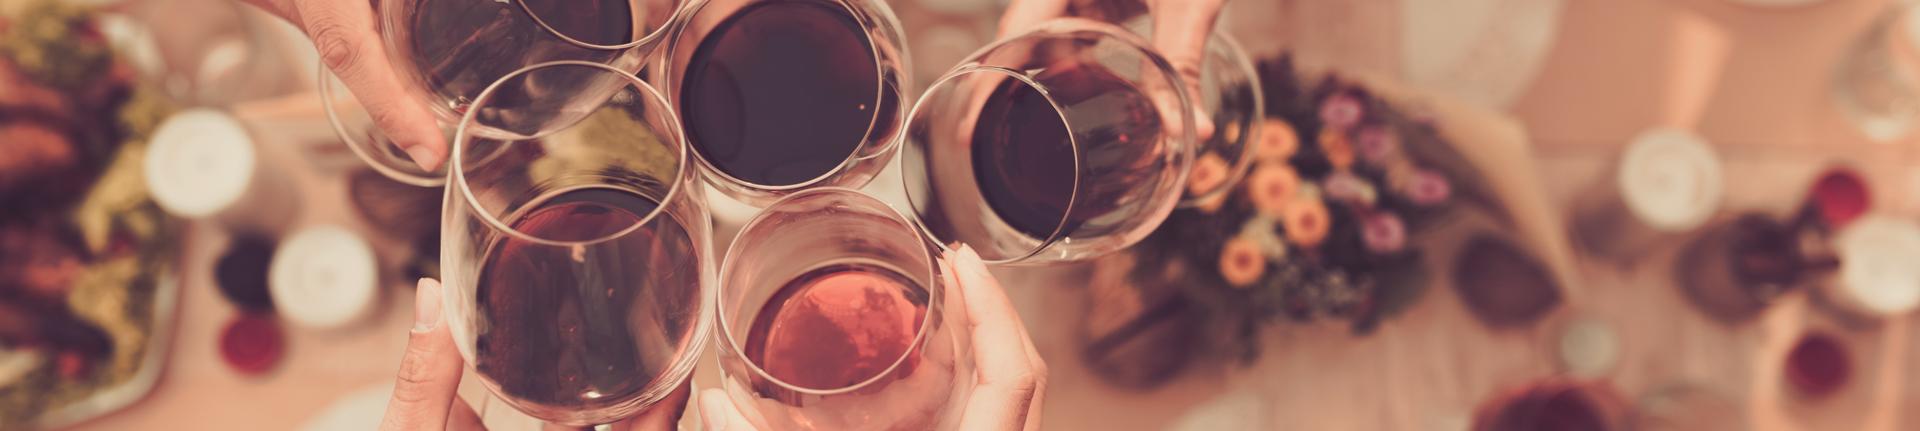 Vinho natural: conheça esta versão mais saudável